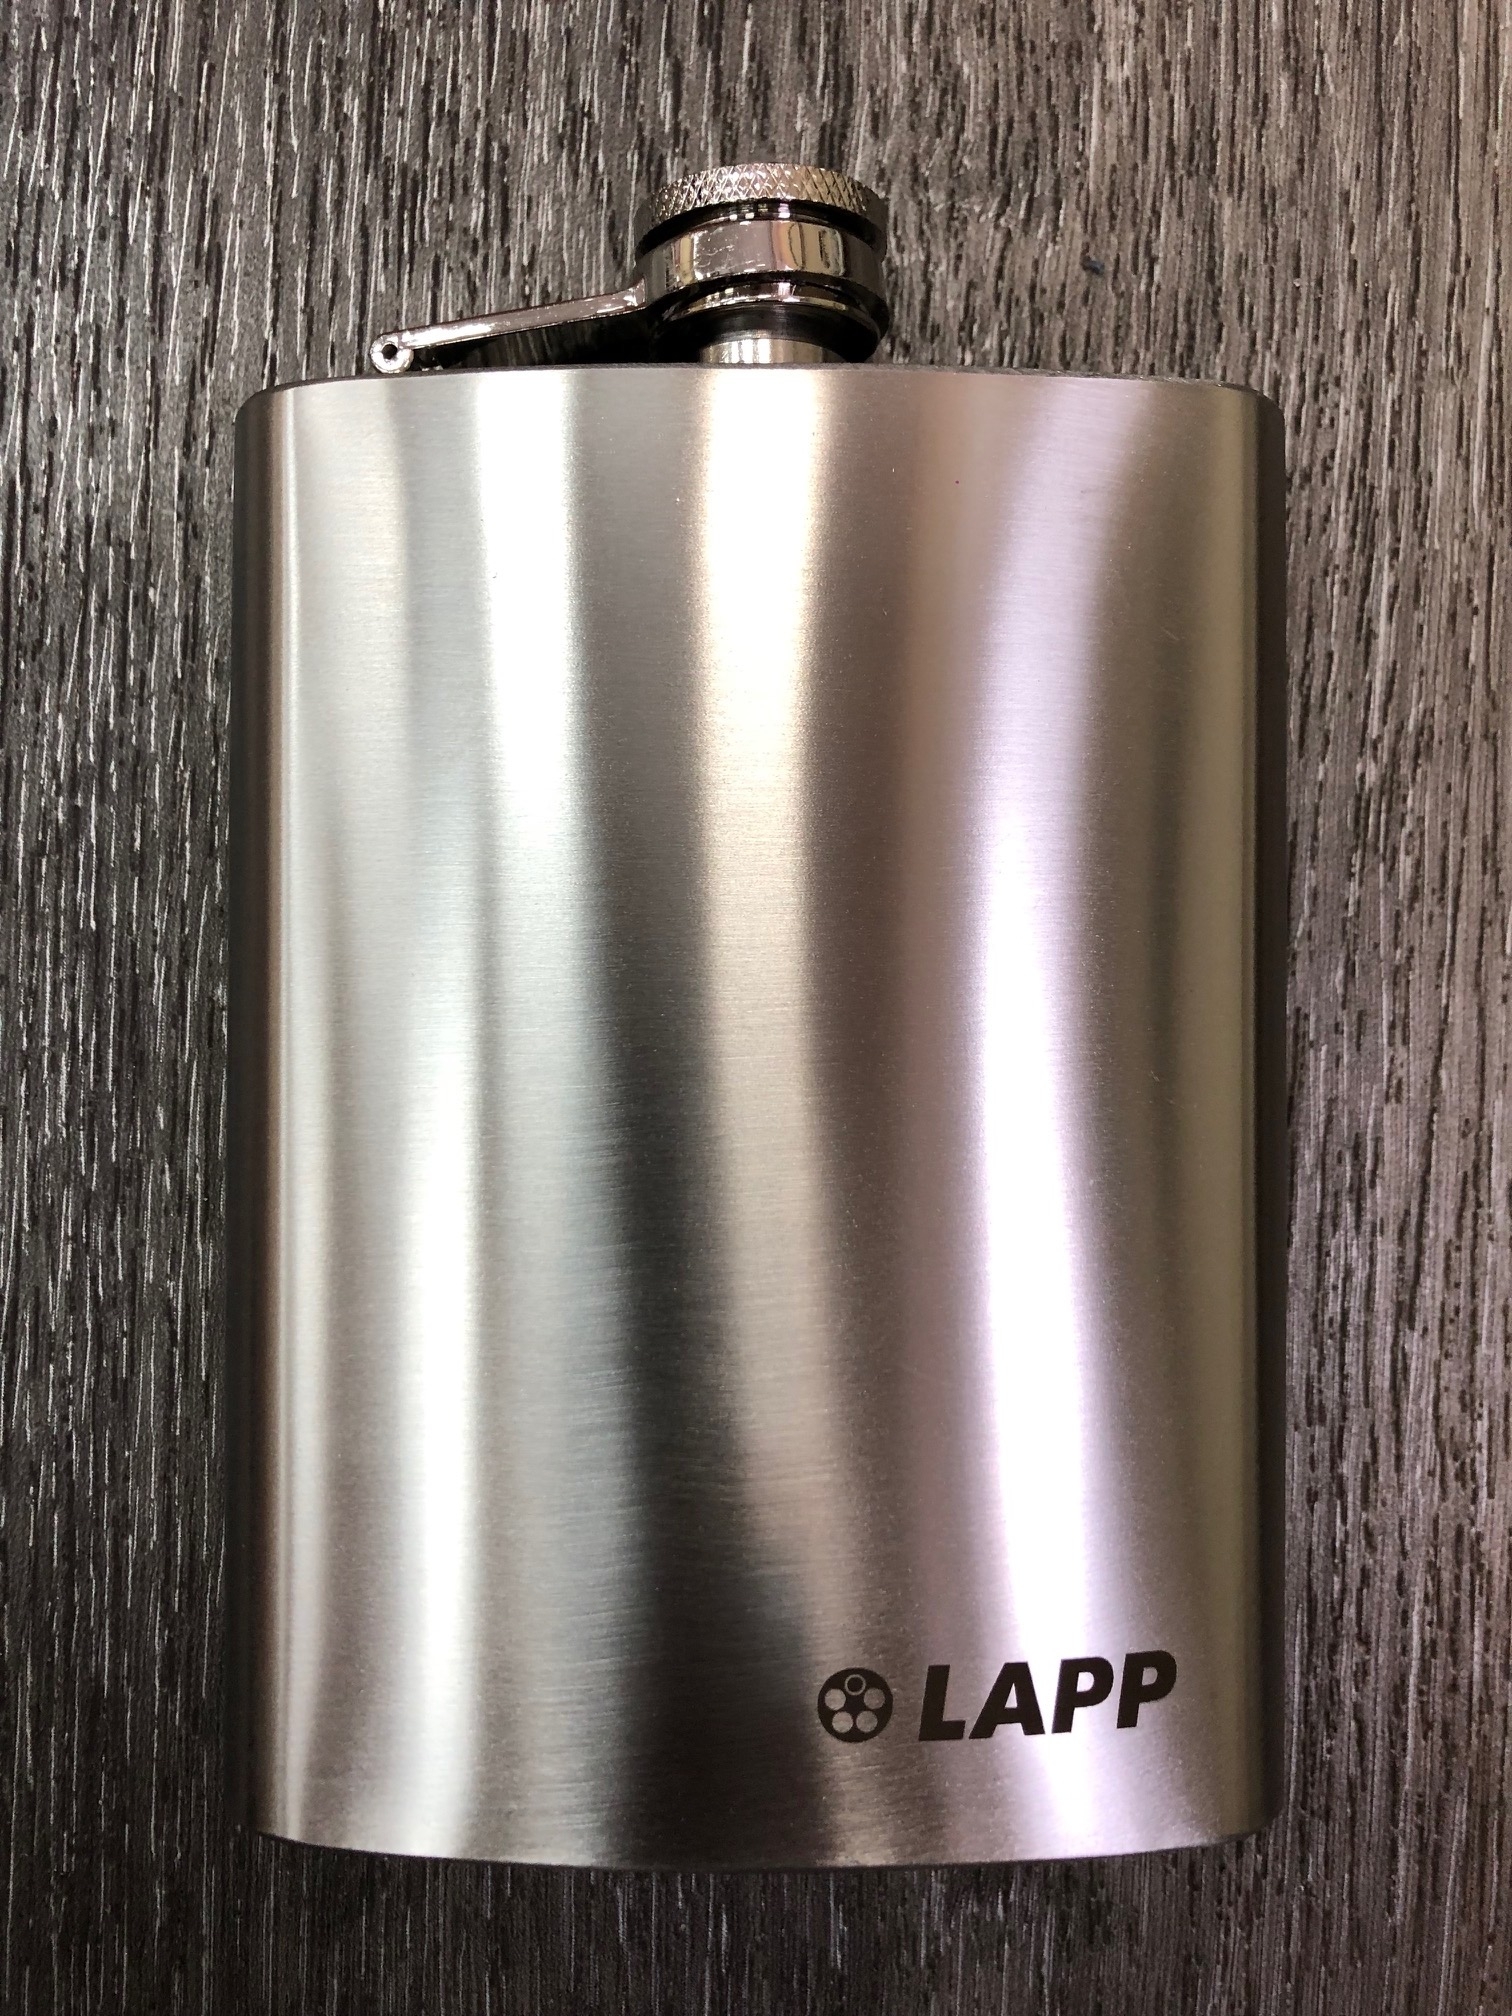 Металическая фляга с гравировкой логотипа LAPP